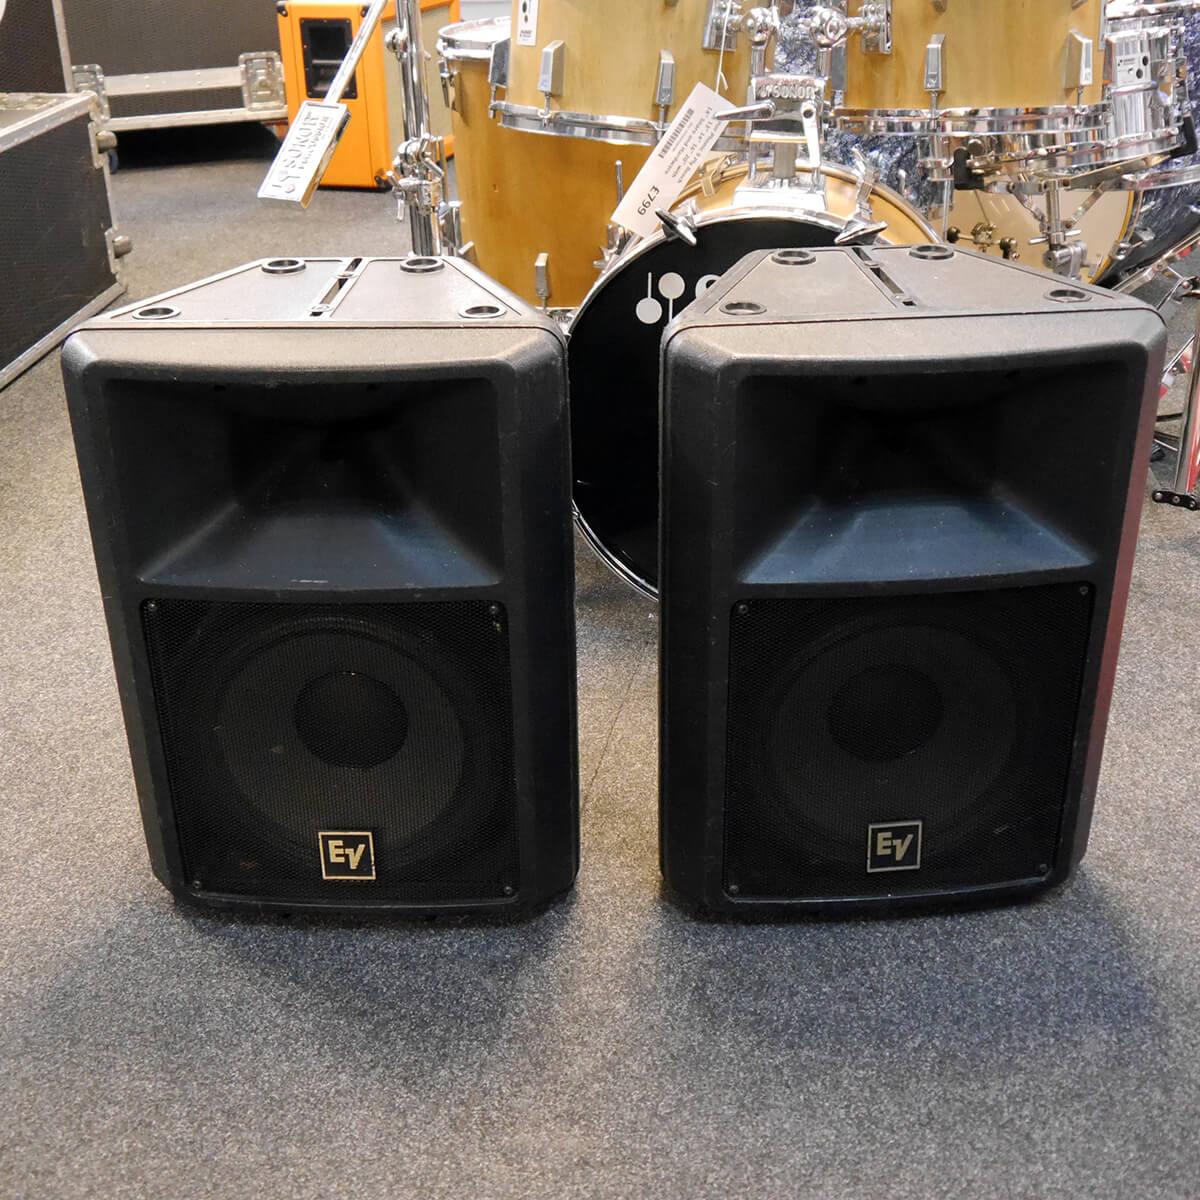 EV SX200 Passive Speakers (Pair) 300 watts - 2nd Hand